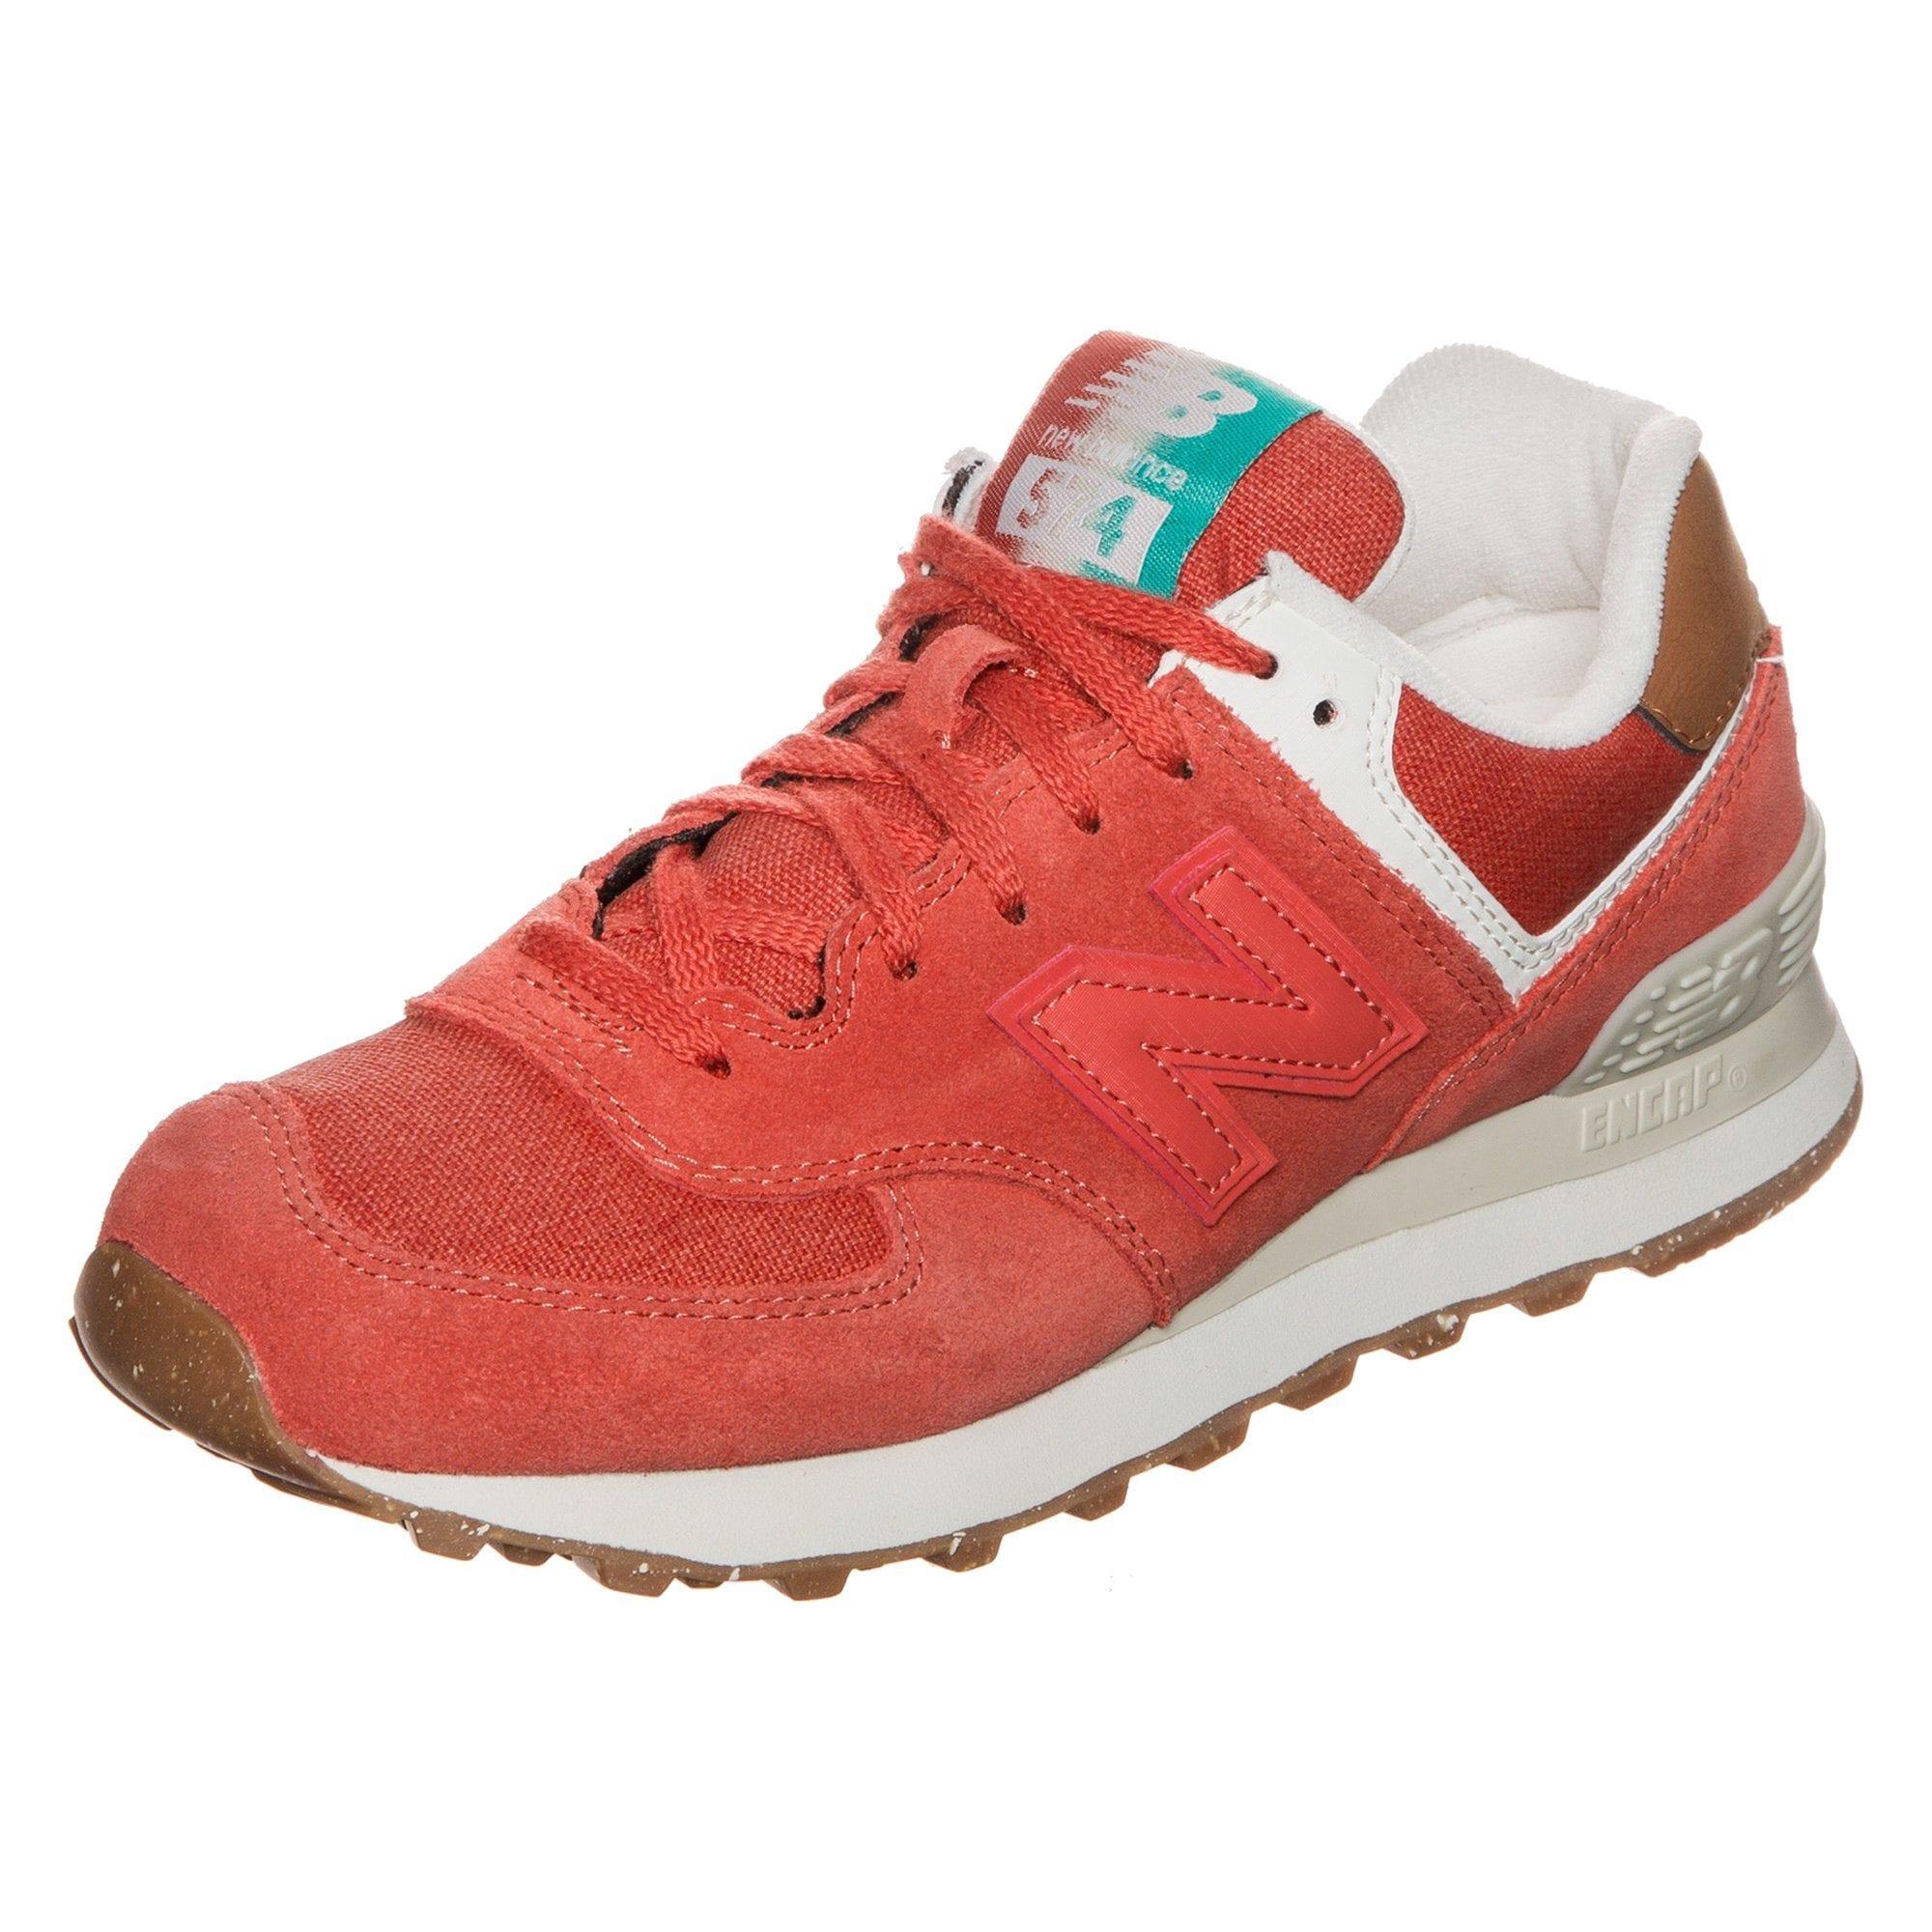 New Balance WL574-SEA-B Sneaker Damen bequem online kaufen   Gutes Preis-Leistungs-Verhältnis, es lohnt sich